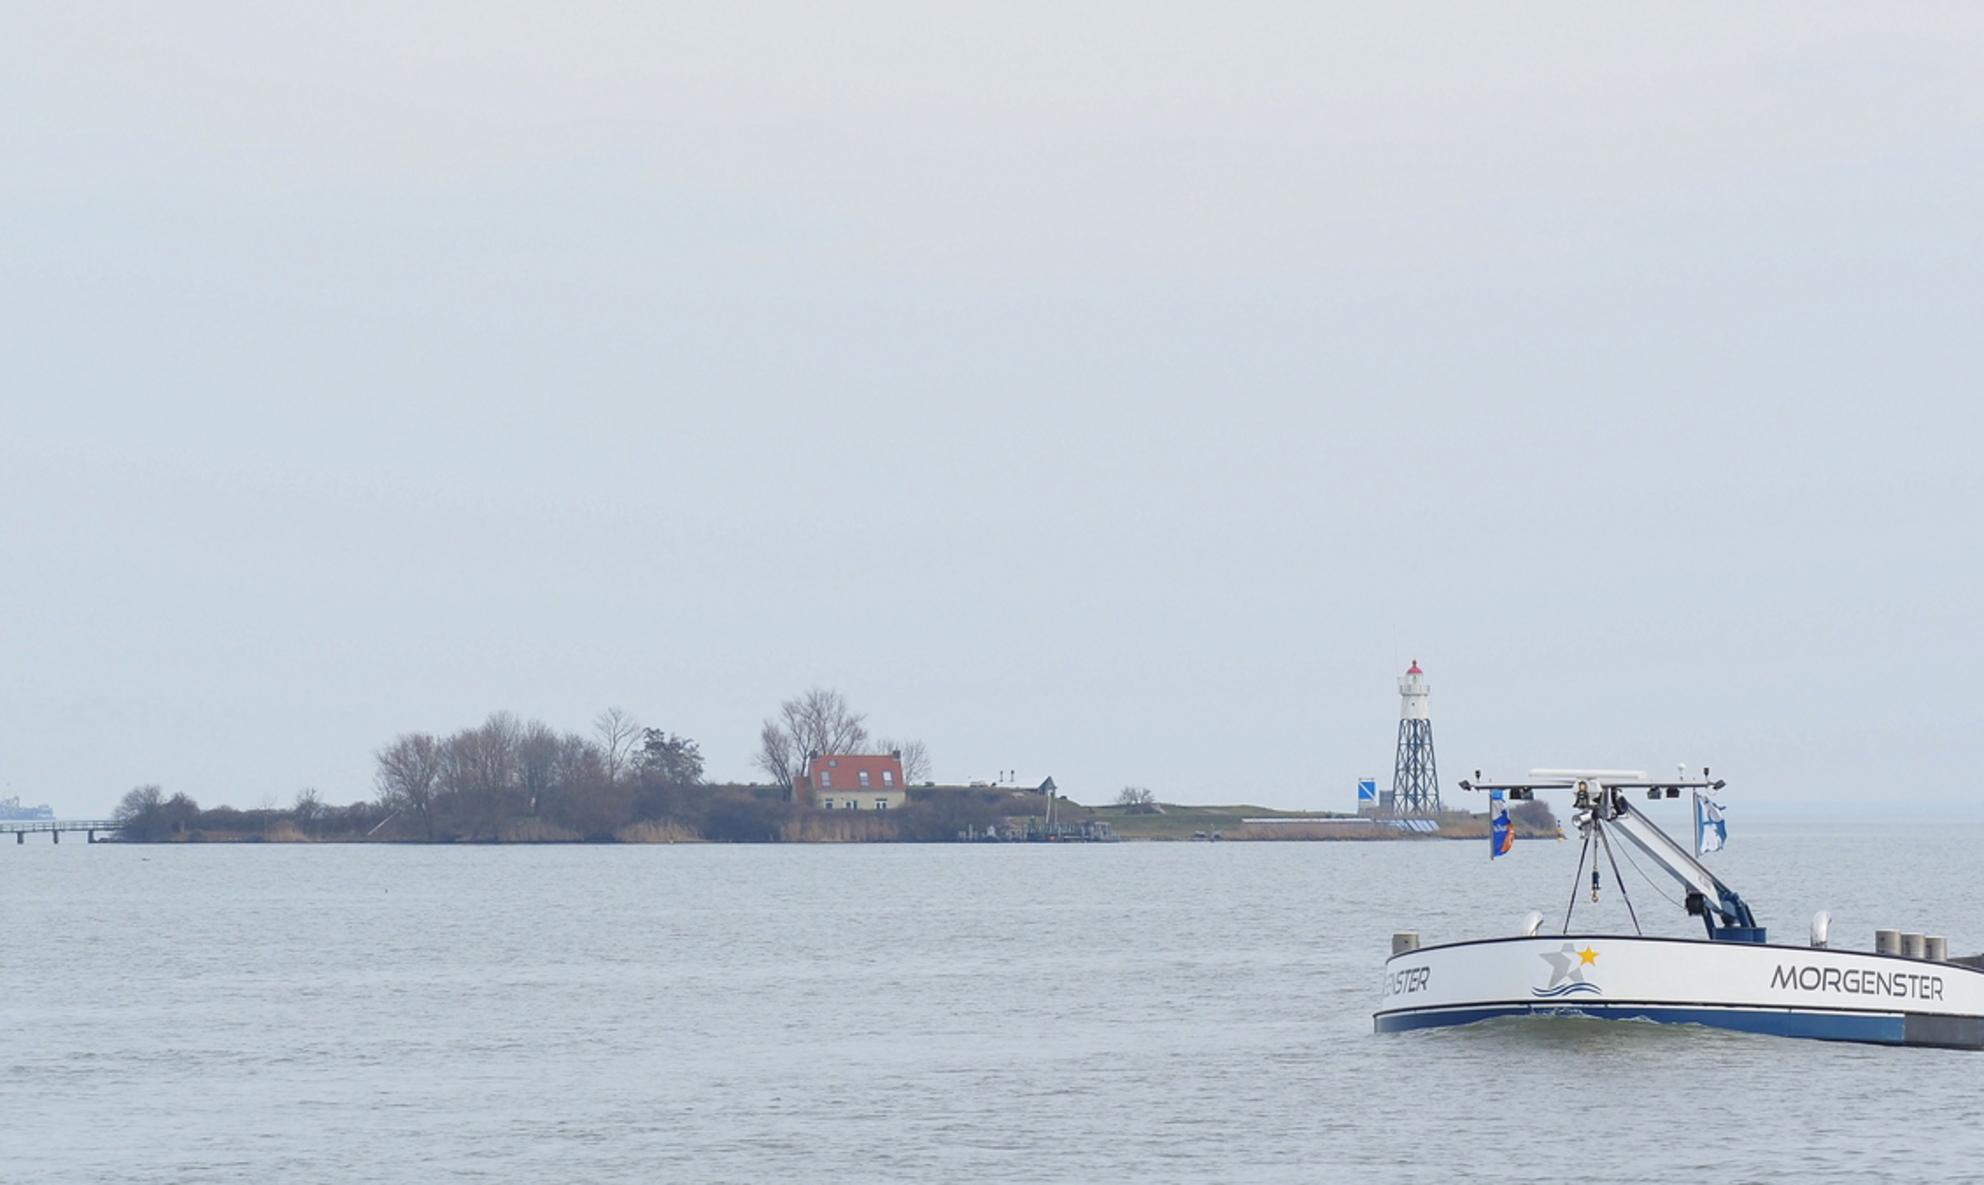 Goedemorgen - Met een Ster - foto door pietsnoeier op 01-04-2021 - deze foto bevat: boot, markermeer